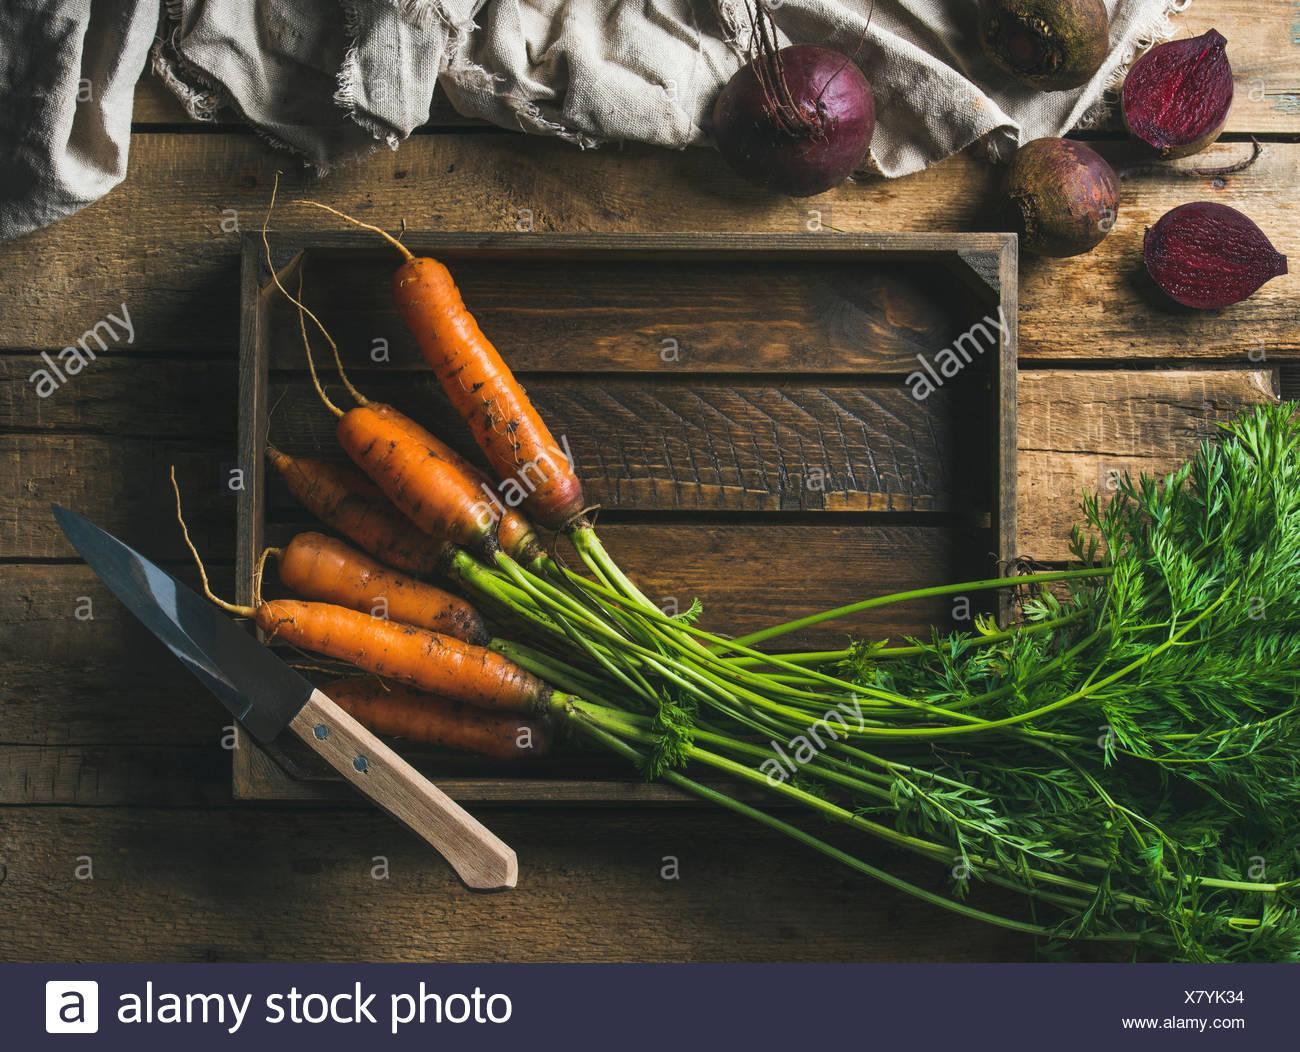 Fondo de cocción de alimentos saludables. Ingredientes vegetales. Jardín fresco zanahorias o remolachas en bandeja de madera sobre madera rústica bac Imagen De Stock